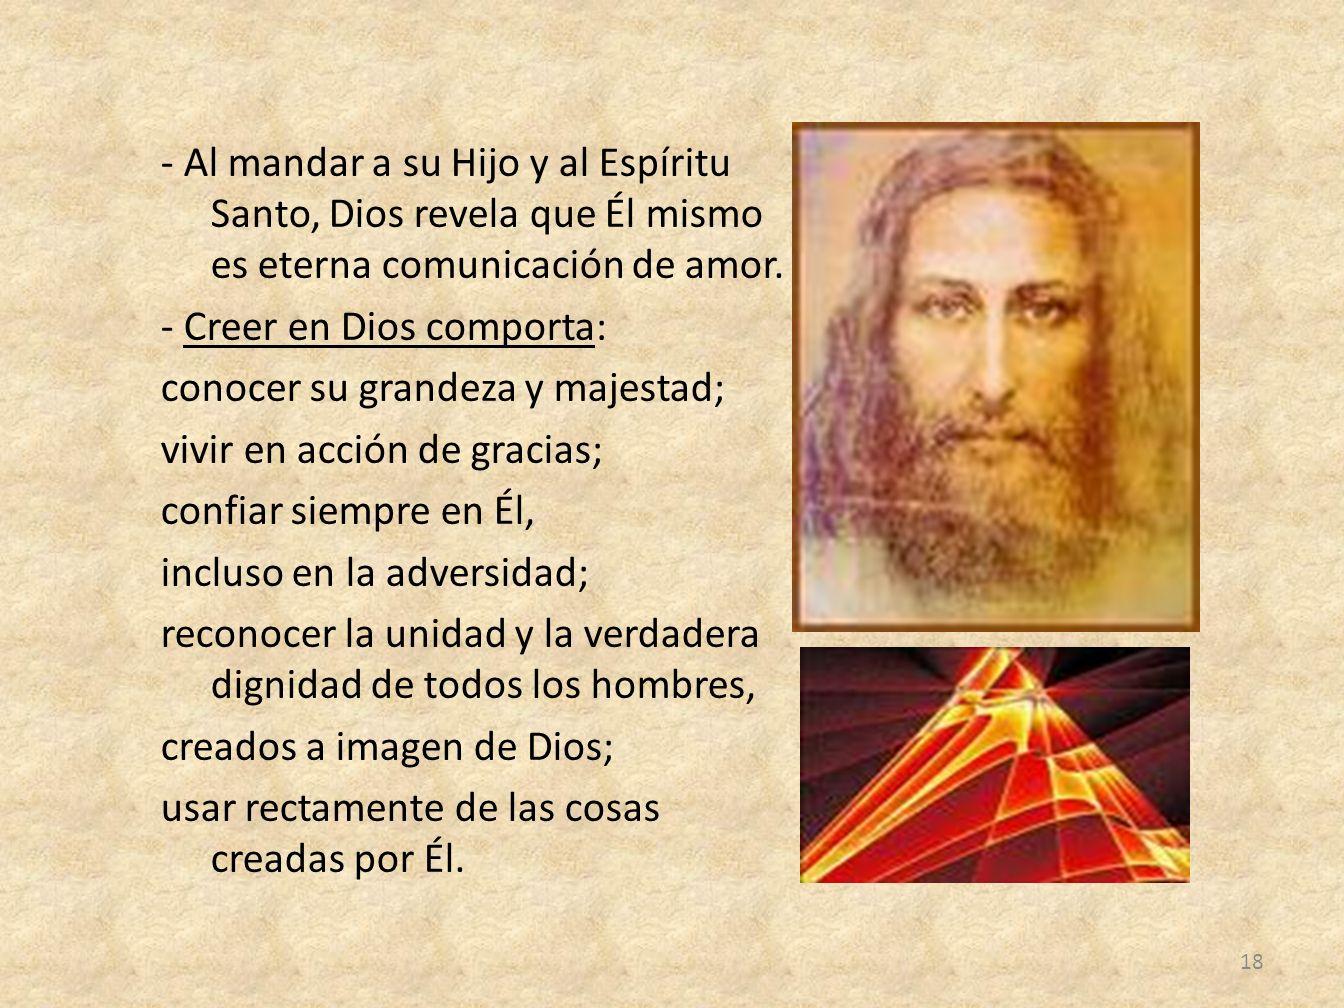 - Al mandar a su Hijo y al Espíritu Santo, Dios revela que Él mismo es eterna comunicación de amor.